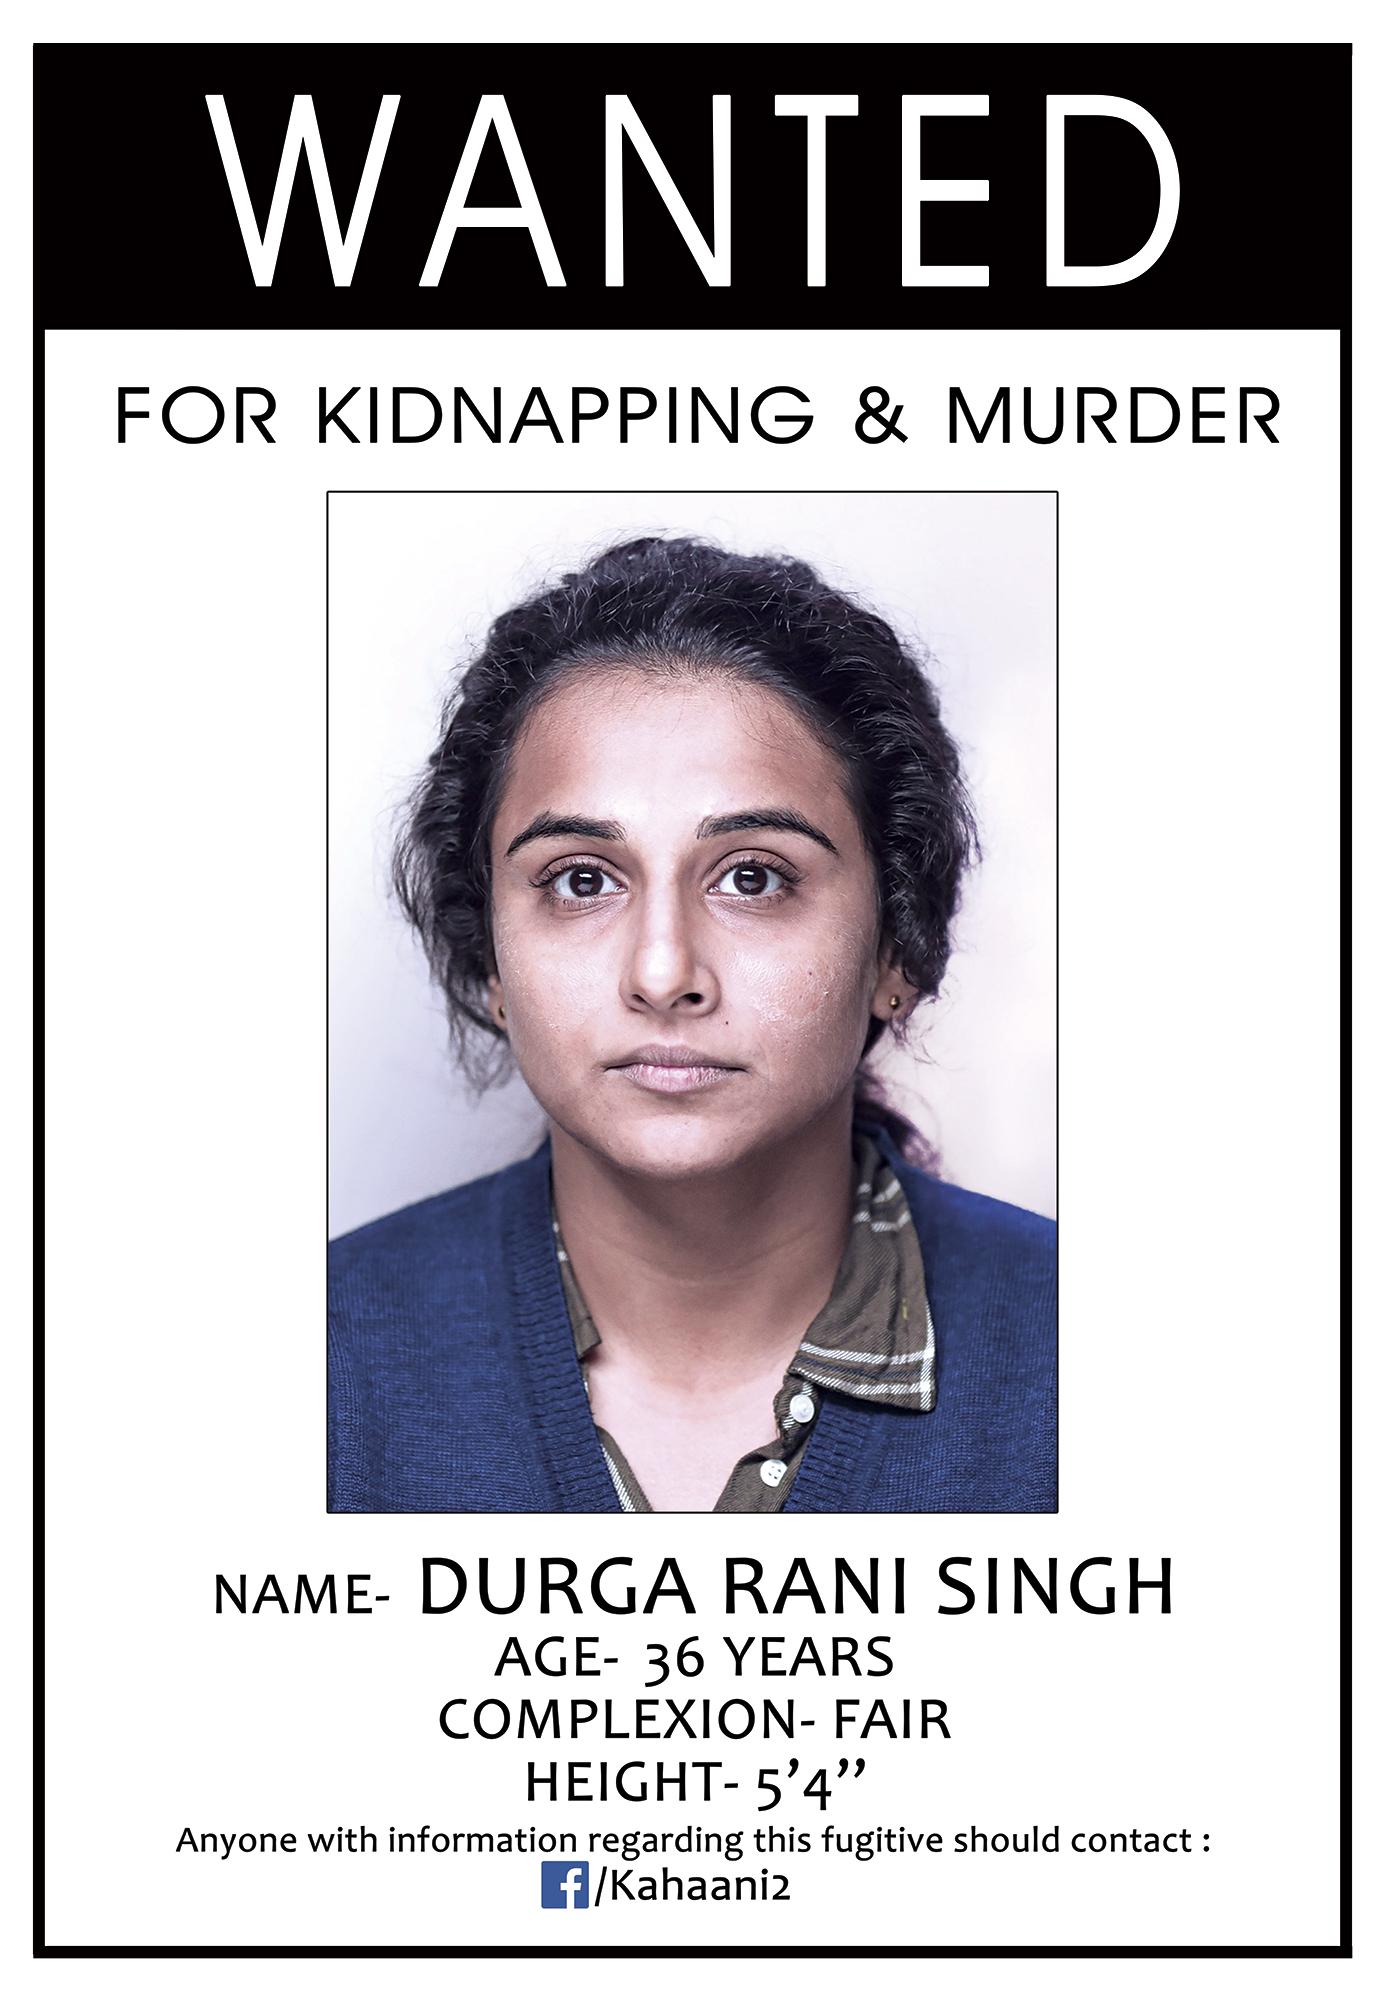 vidya-wanted-poster-kahaani2